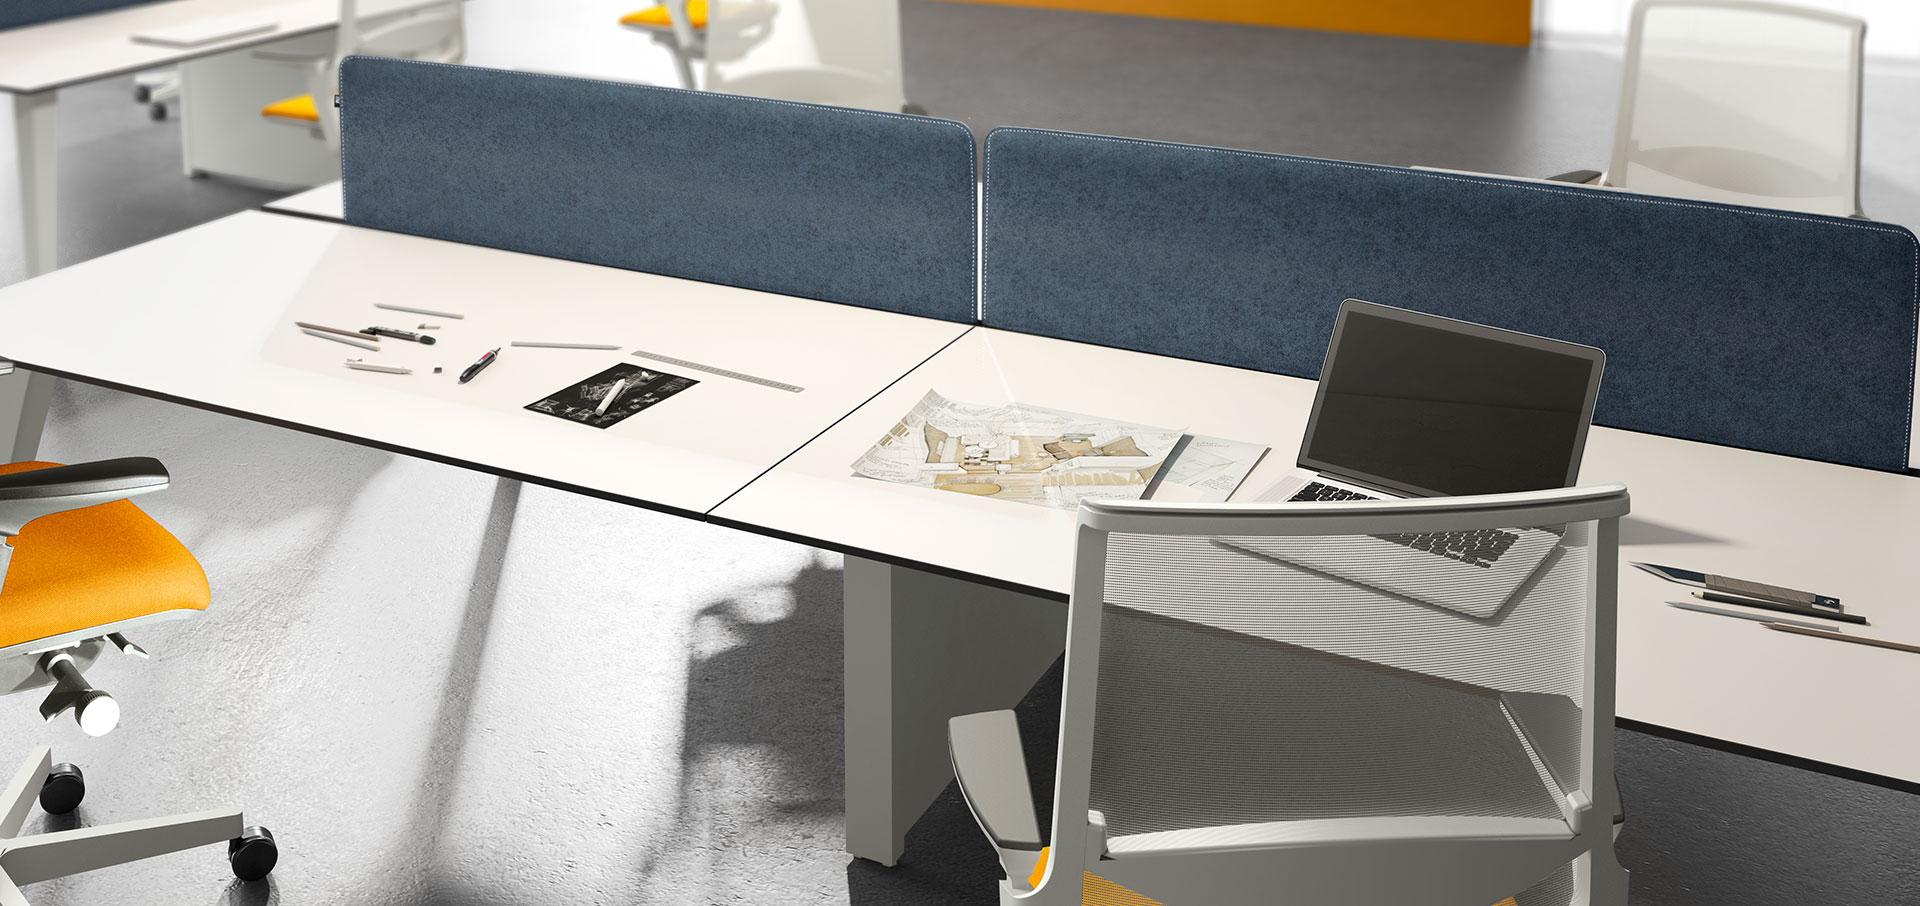 Waarom Clean Desk Policy niet zomaar een veel geroepen term is